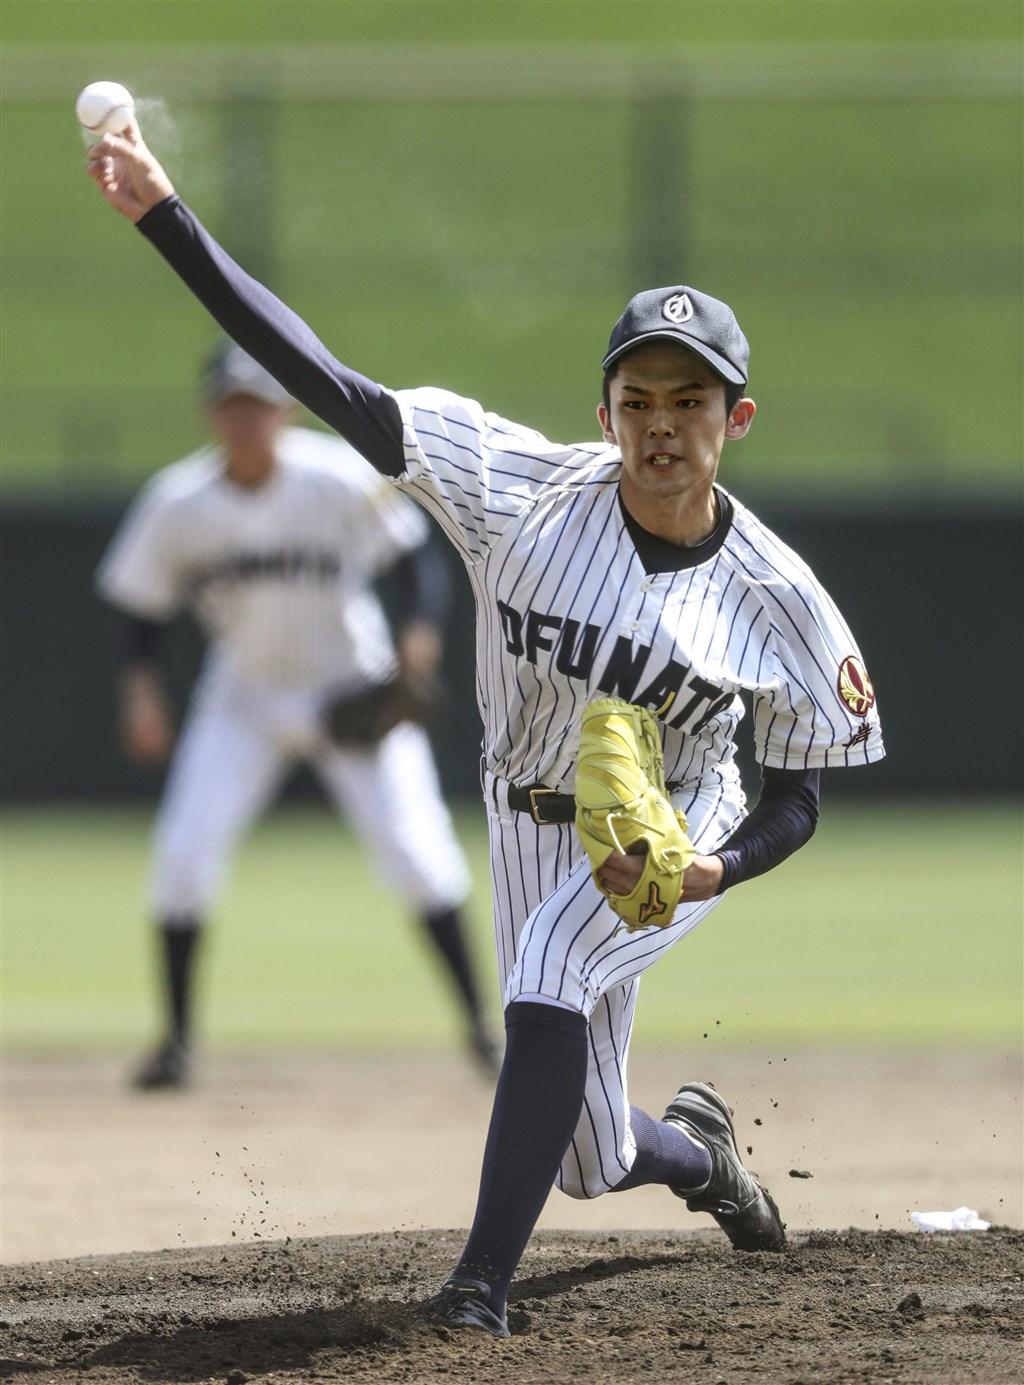 日本投手佐佐木朗希(圖)被視為與旅美日籍球星大谷翔平並列的投手,17日日職選秀會議上,他可能是9支球團第一指名。圖為2019年7月佐佐木朗希在岩手縣立棒球場投球。(共同社提供)